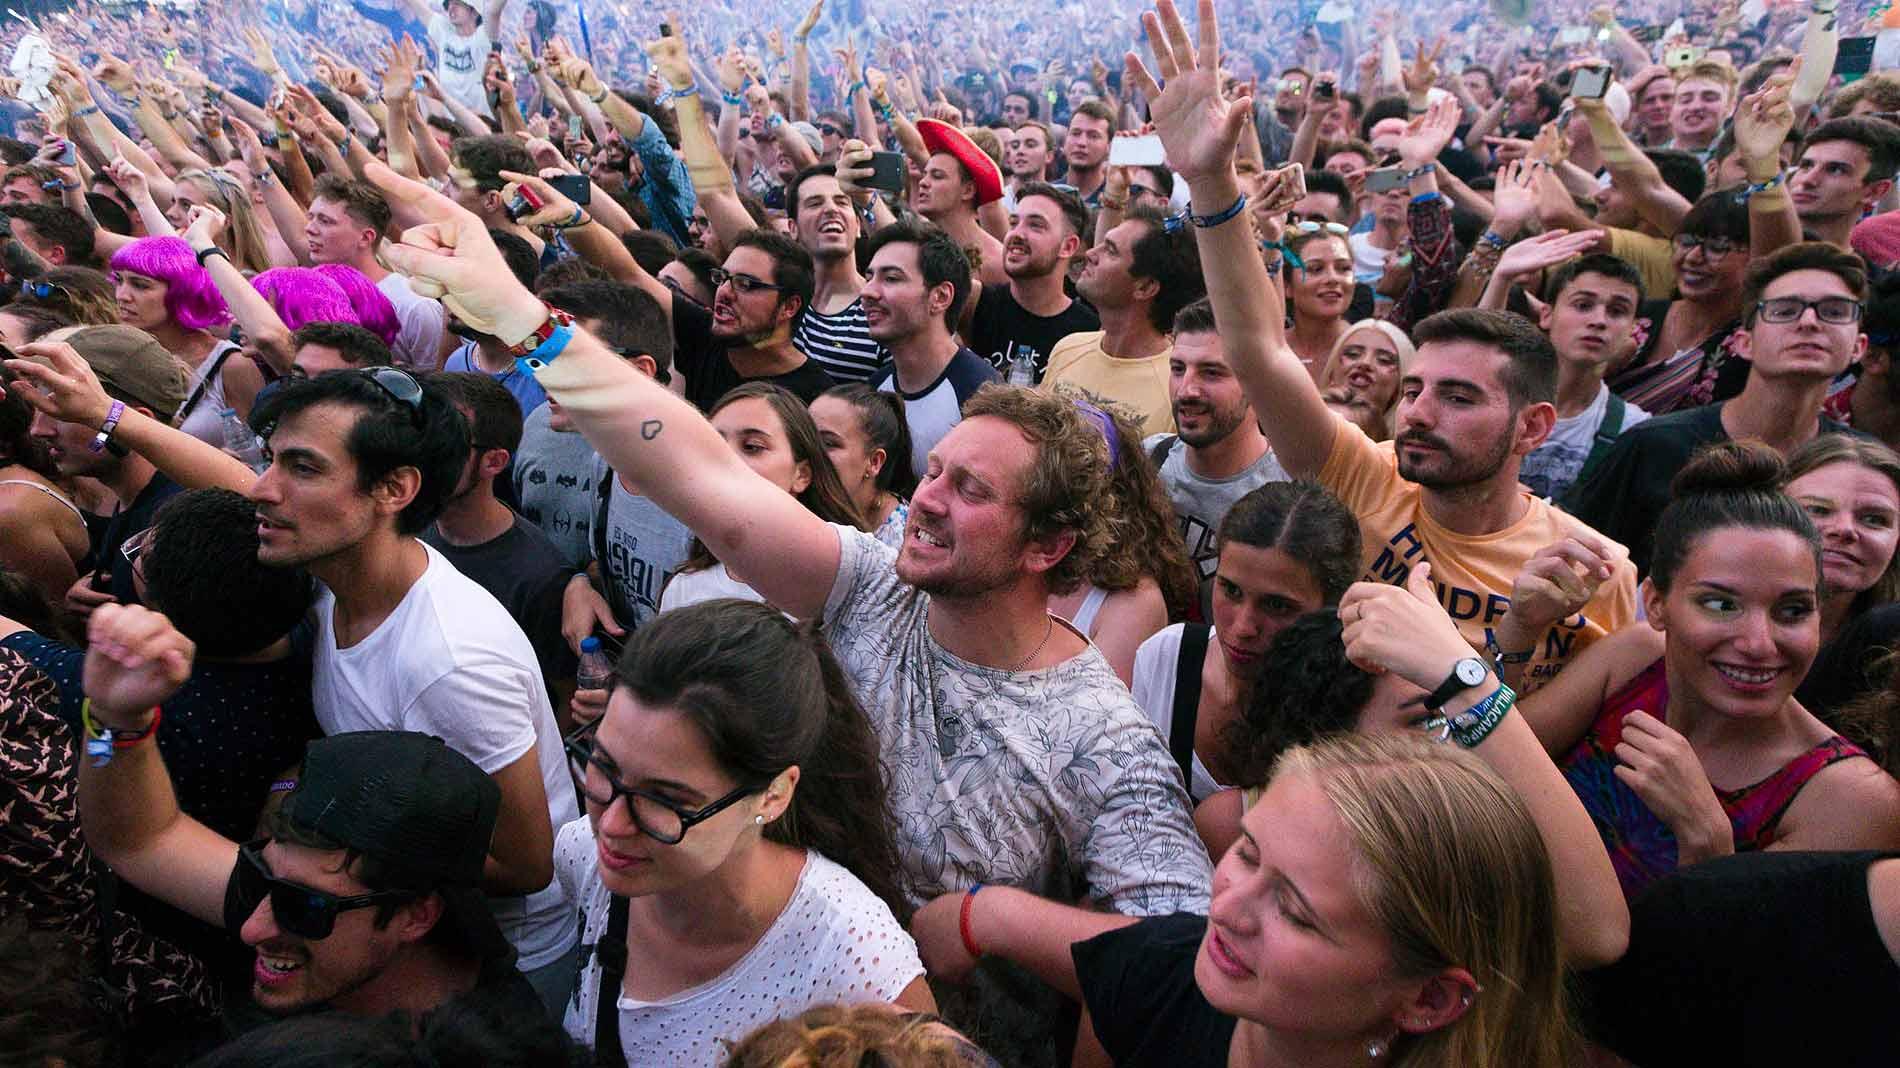 Benicássim recibe a miles de personas para disfrutar su Festival Internacional